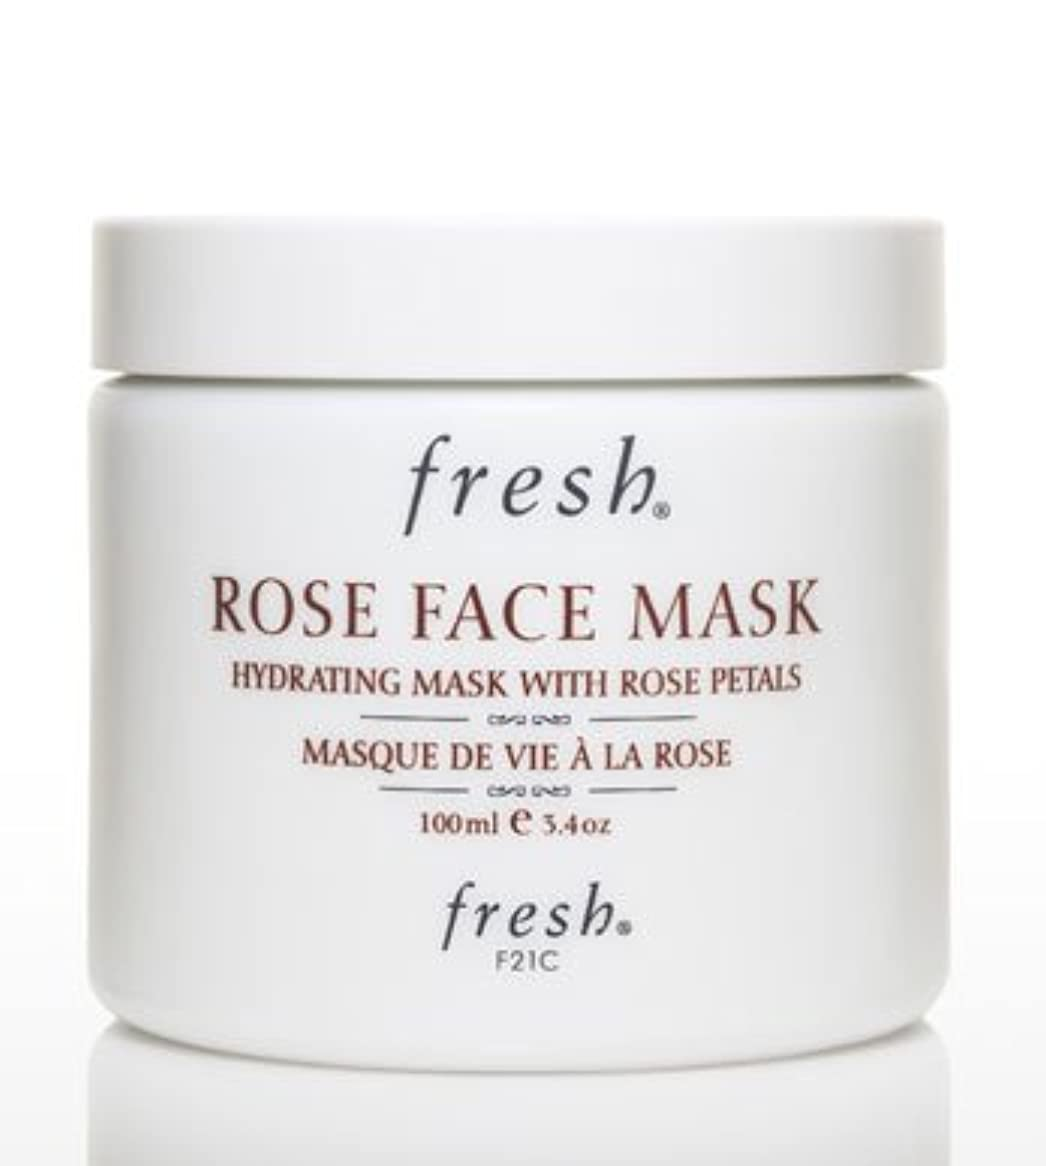 血統苦しみ喉頭Fresh ROSE FACE MASK (フレッシュ ローズフェイスマスク) 3.4 oz (100g) by Fresh for Women